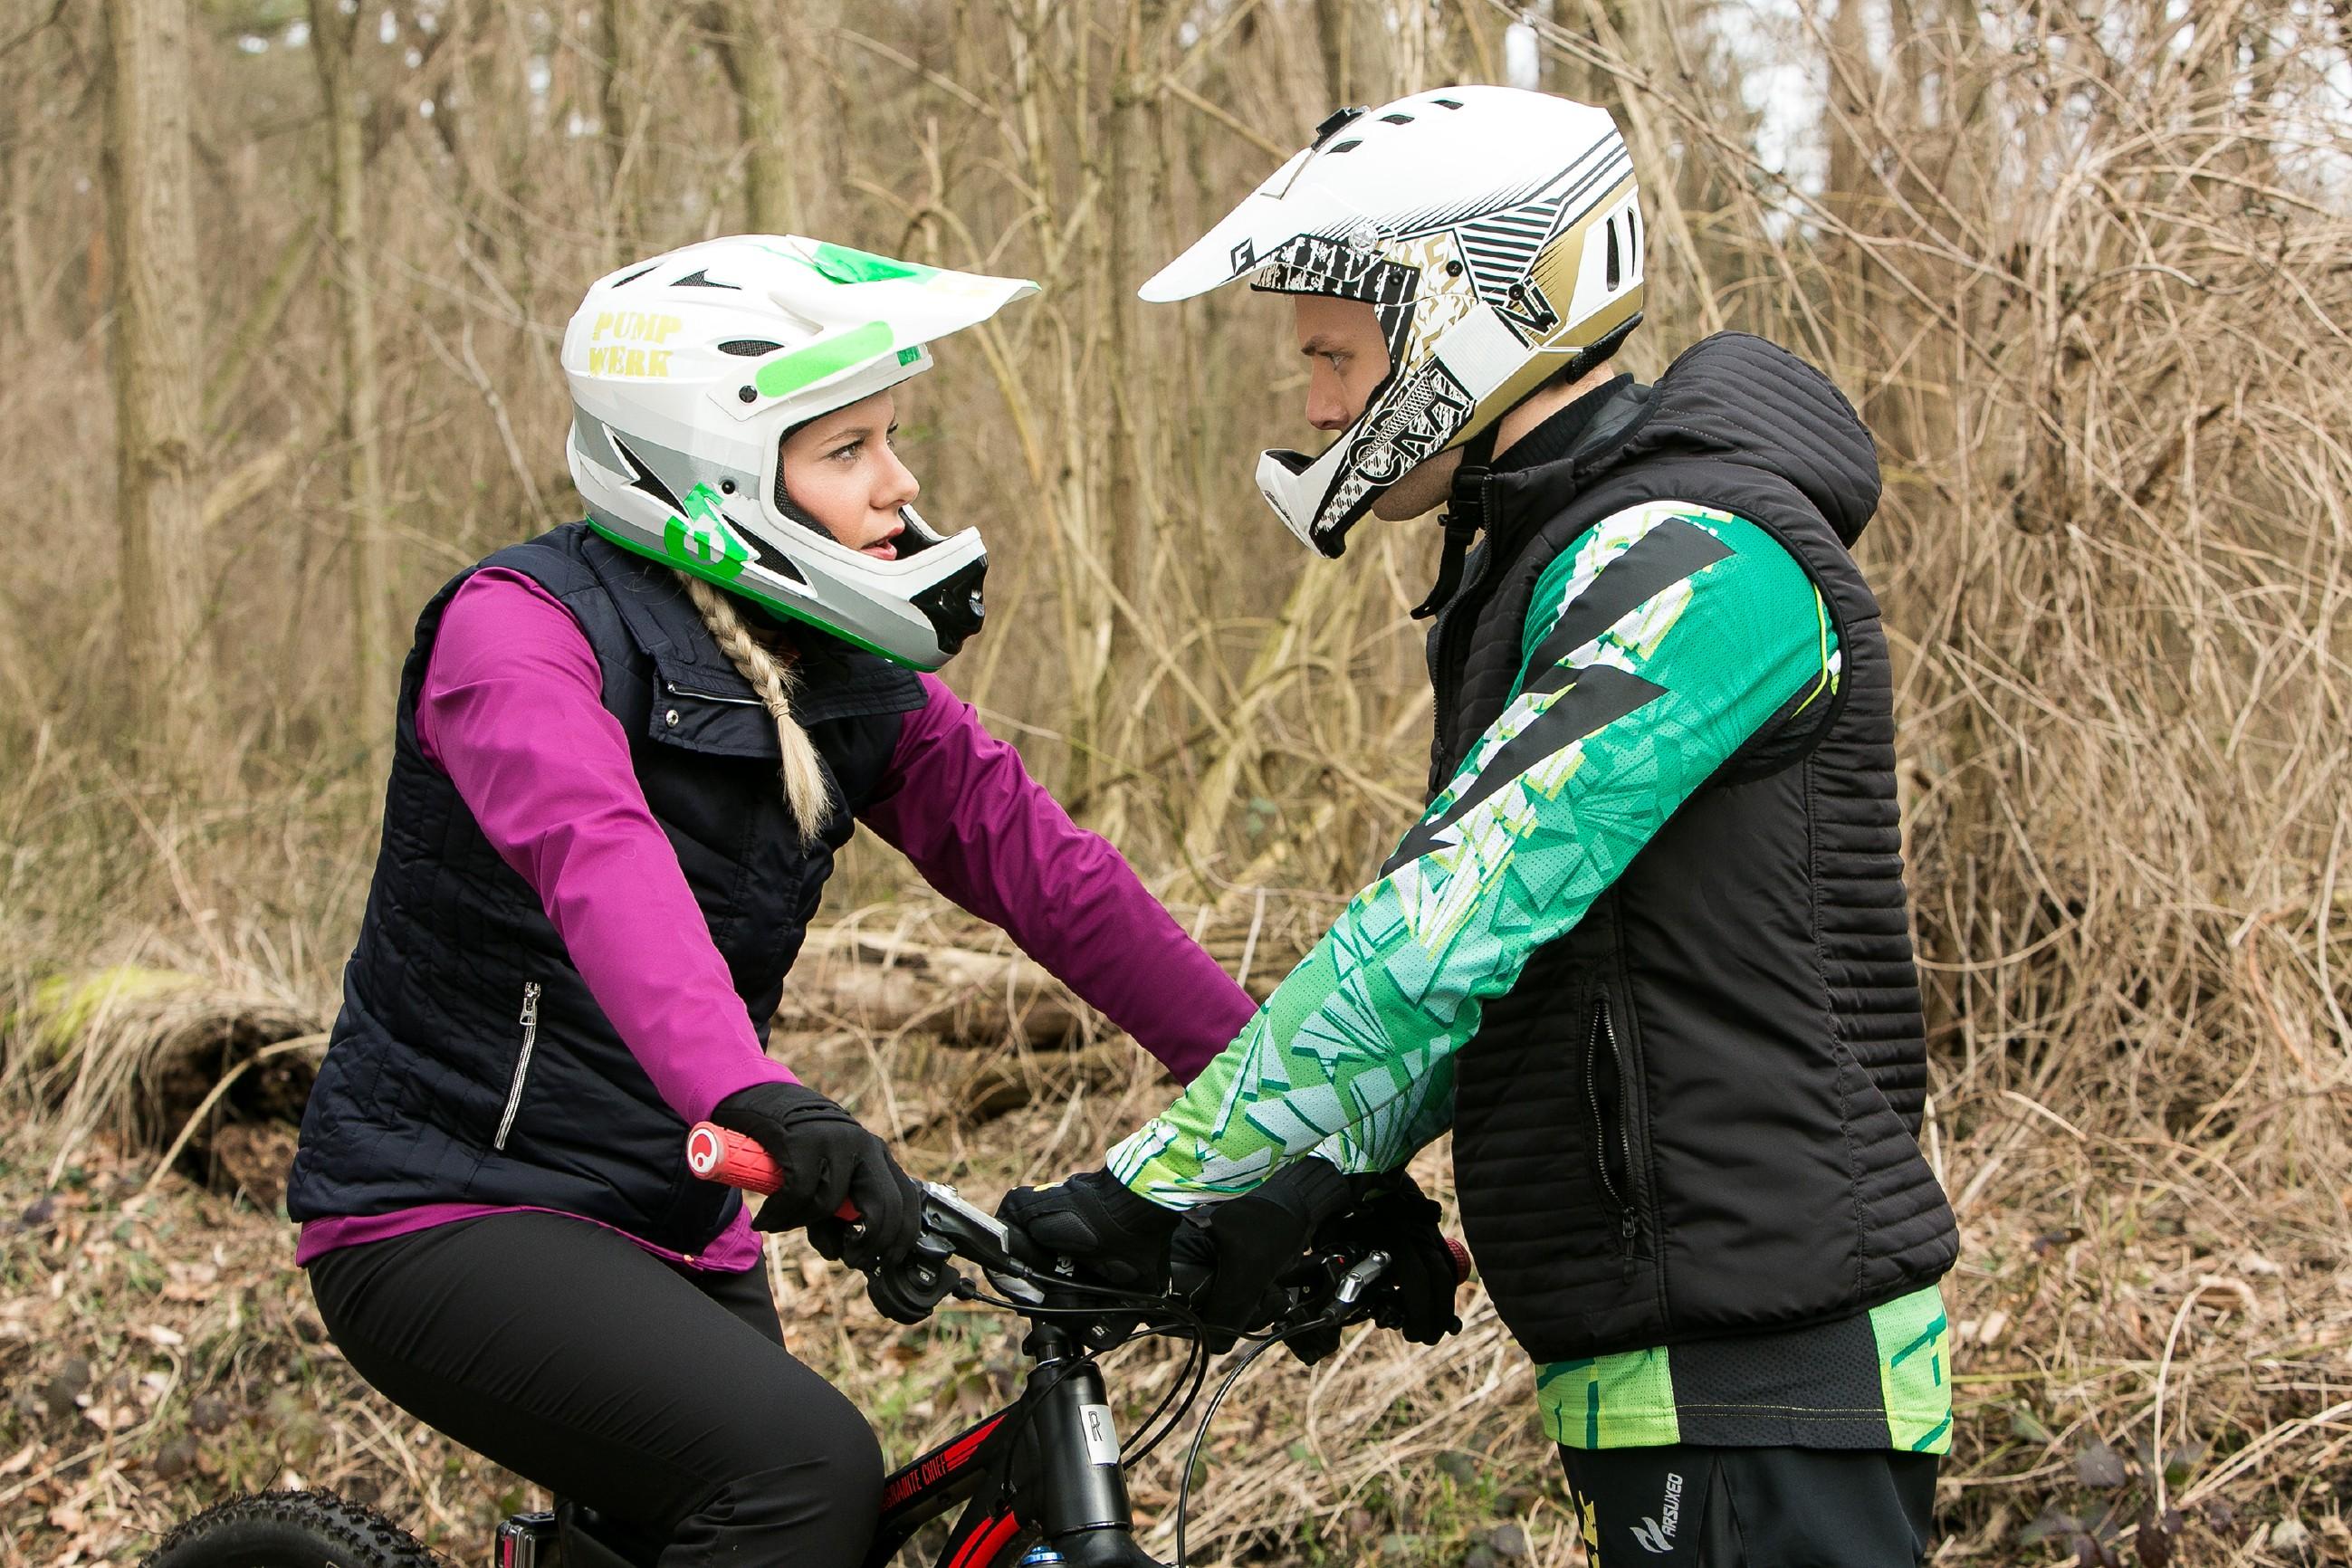 Marie (Cheyenne Pahde) hat sich Tims Mountainbike geschnappt und fährt voller Wut drauflos. Als Tim (Robert Maaser) sie bei einer Verfolgungsjagd einholt, bringt Marie sich leichtsinnig in Gefahr... (Quelle: RTL / Kai Schulz)